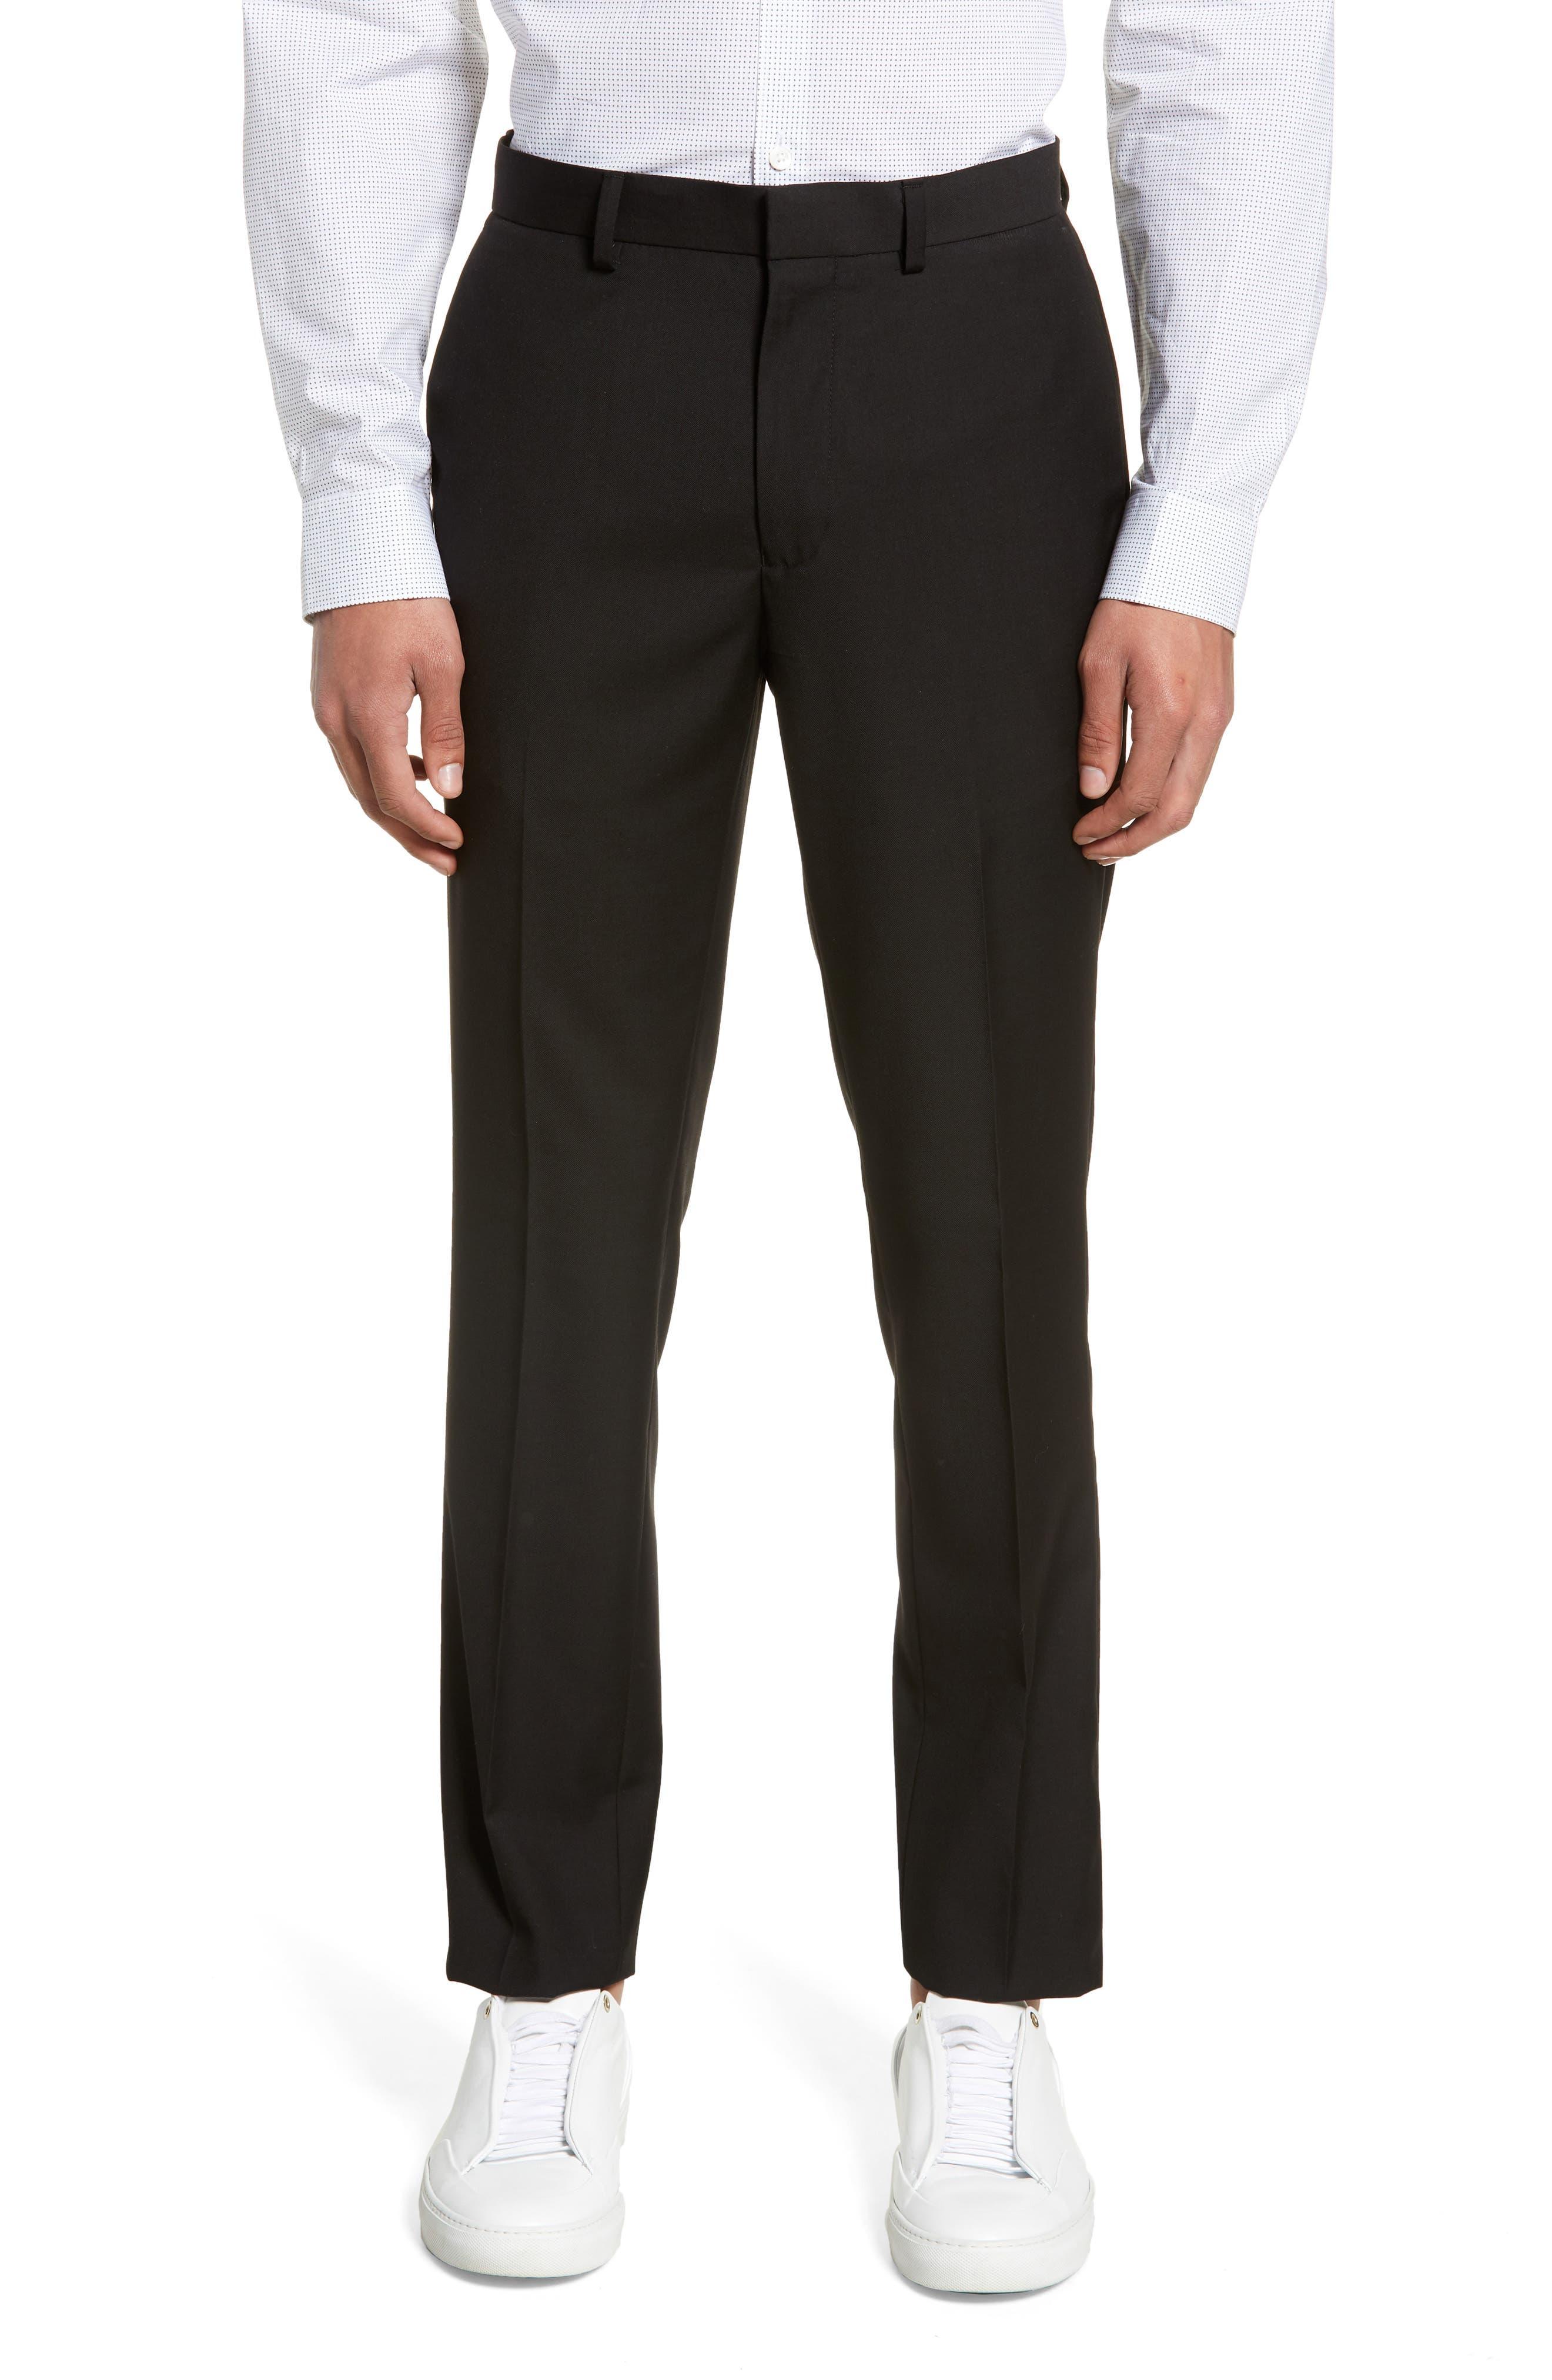 TOPMAN Black Skinny Fit Trousers, Main, color, BLACK